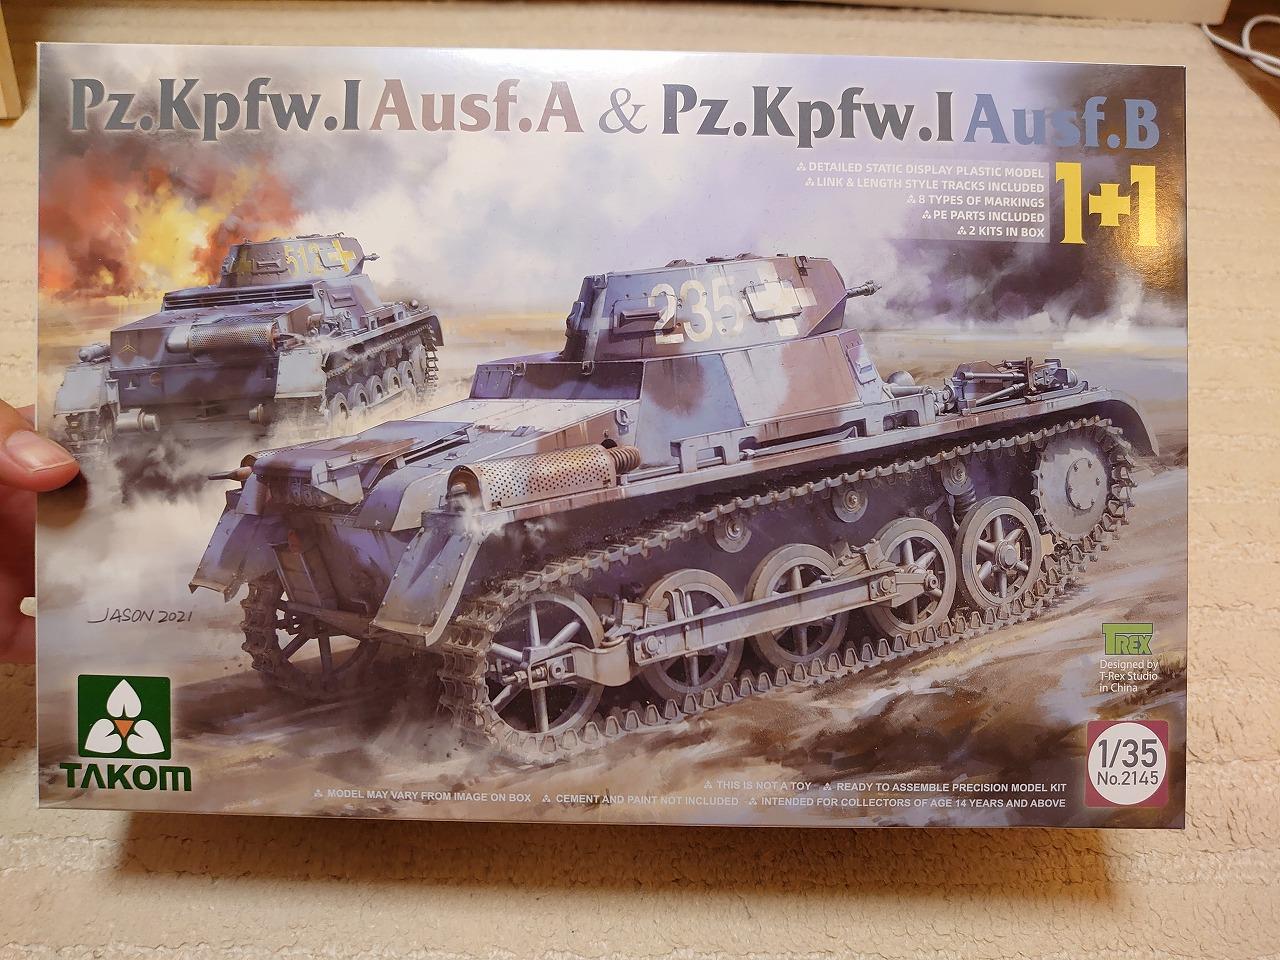 【最近購入した物】タコム 1/35 ドイツ陸軍 1号戦車A型・B型 2キットセット